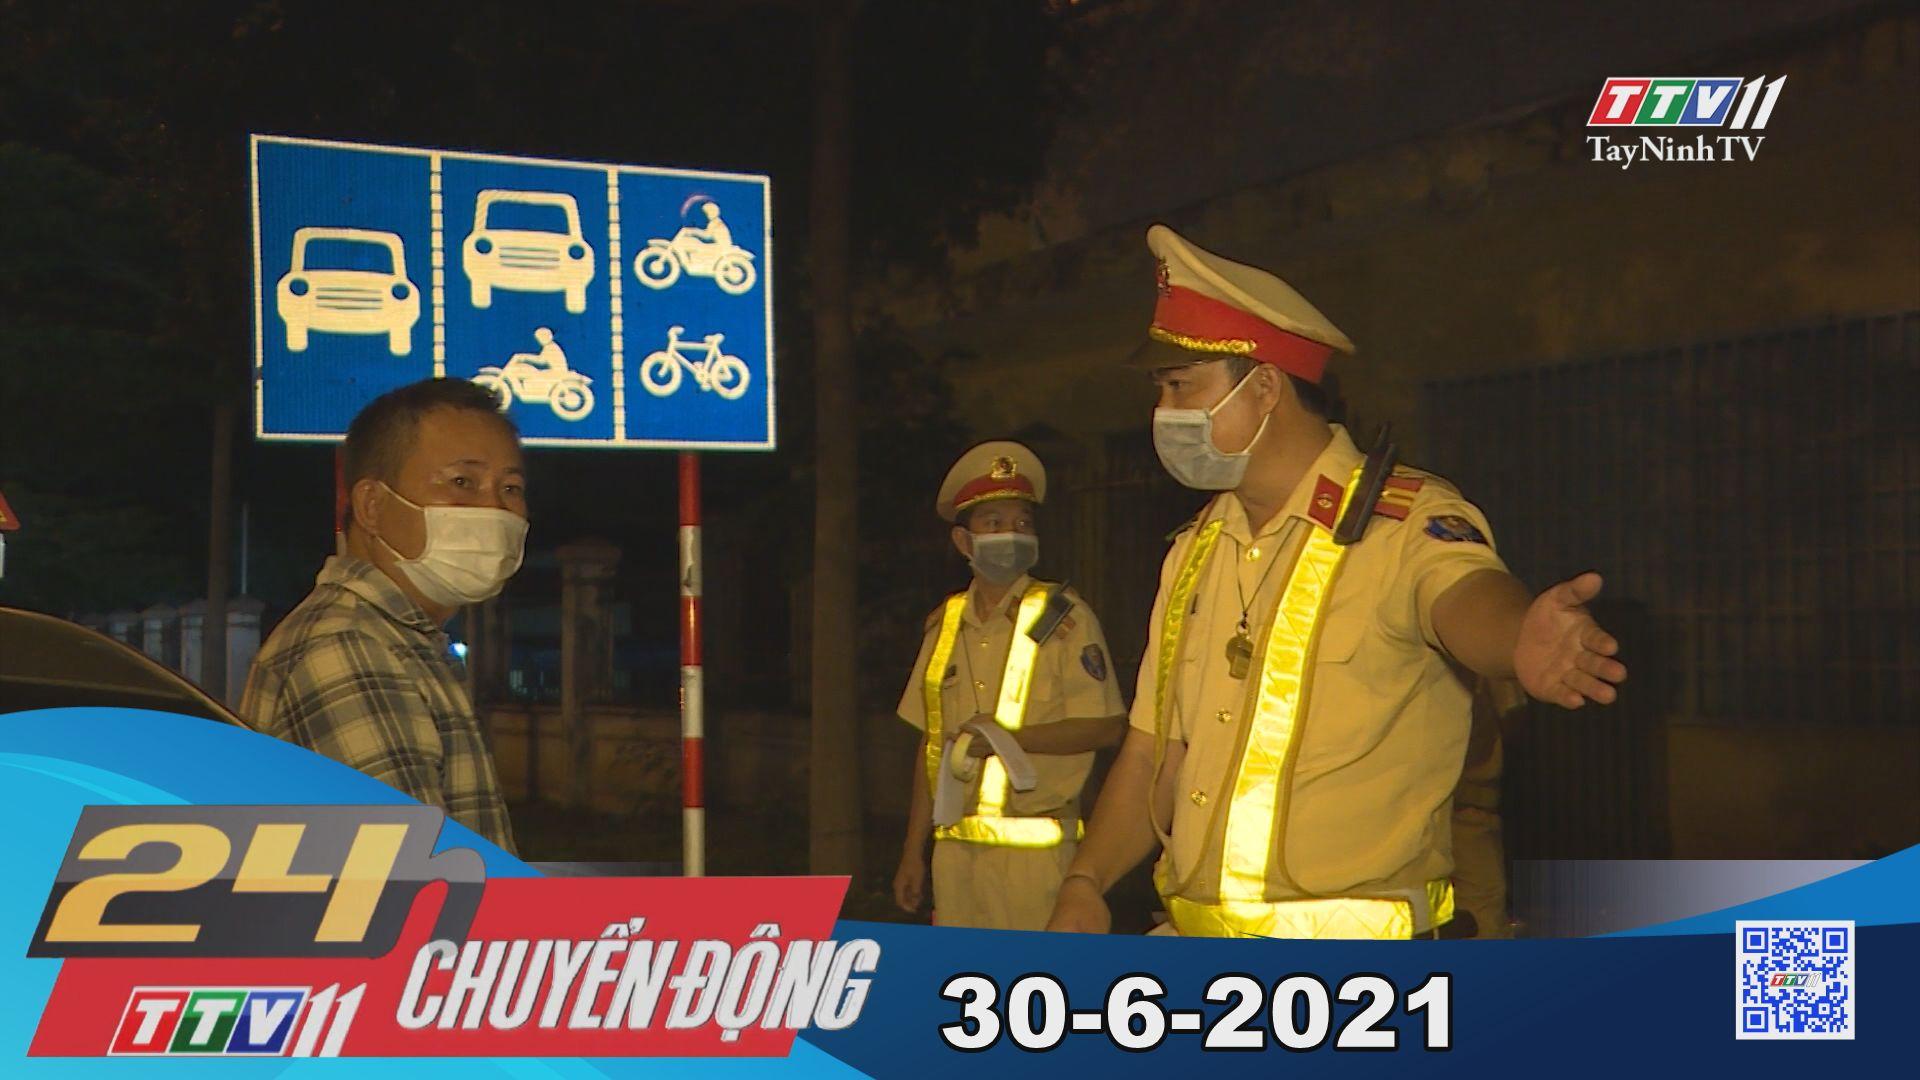 24h Chuyển động 30-6-2021   Tin tức hôm nay   TayNinhTV